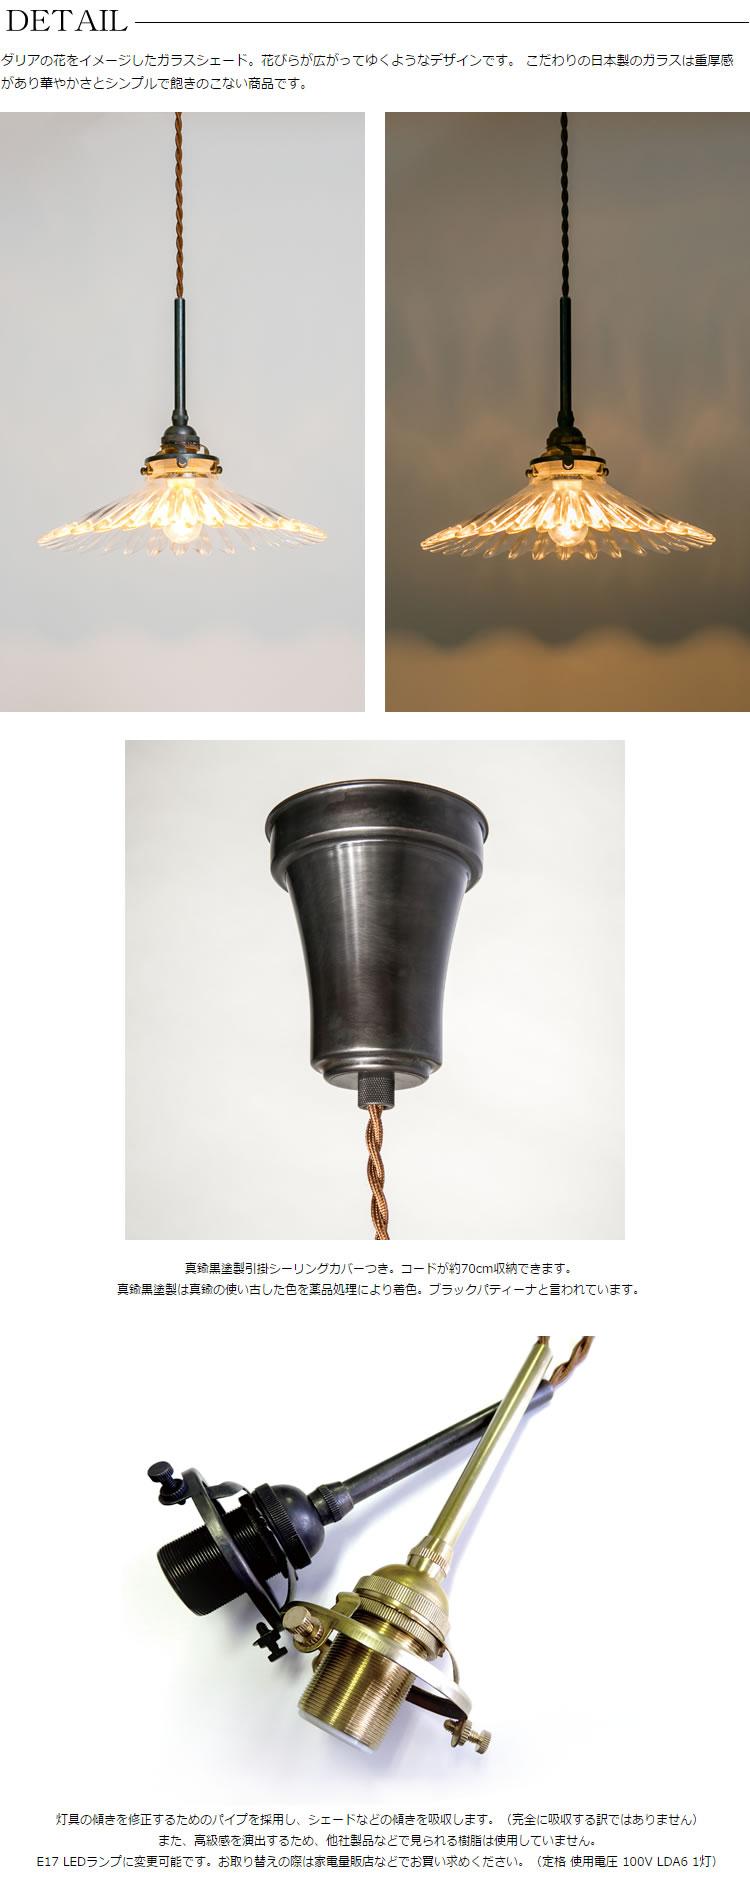 DAHLIA(ガラス・引掛・真鍮黒染)